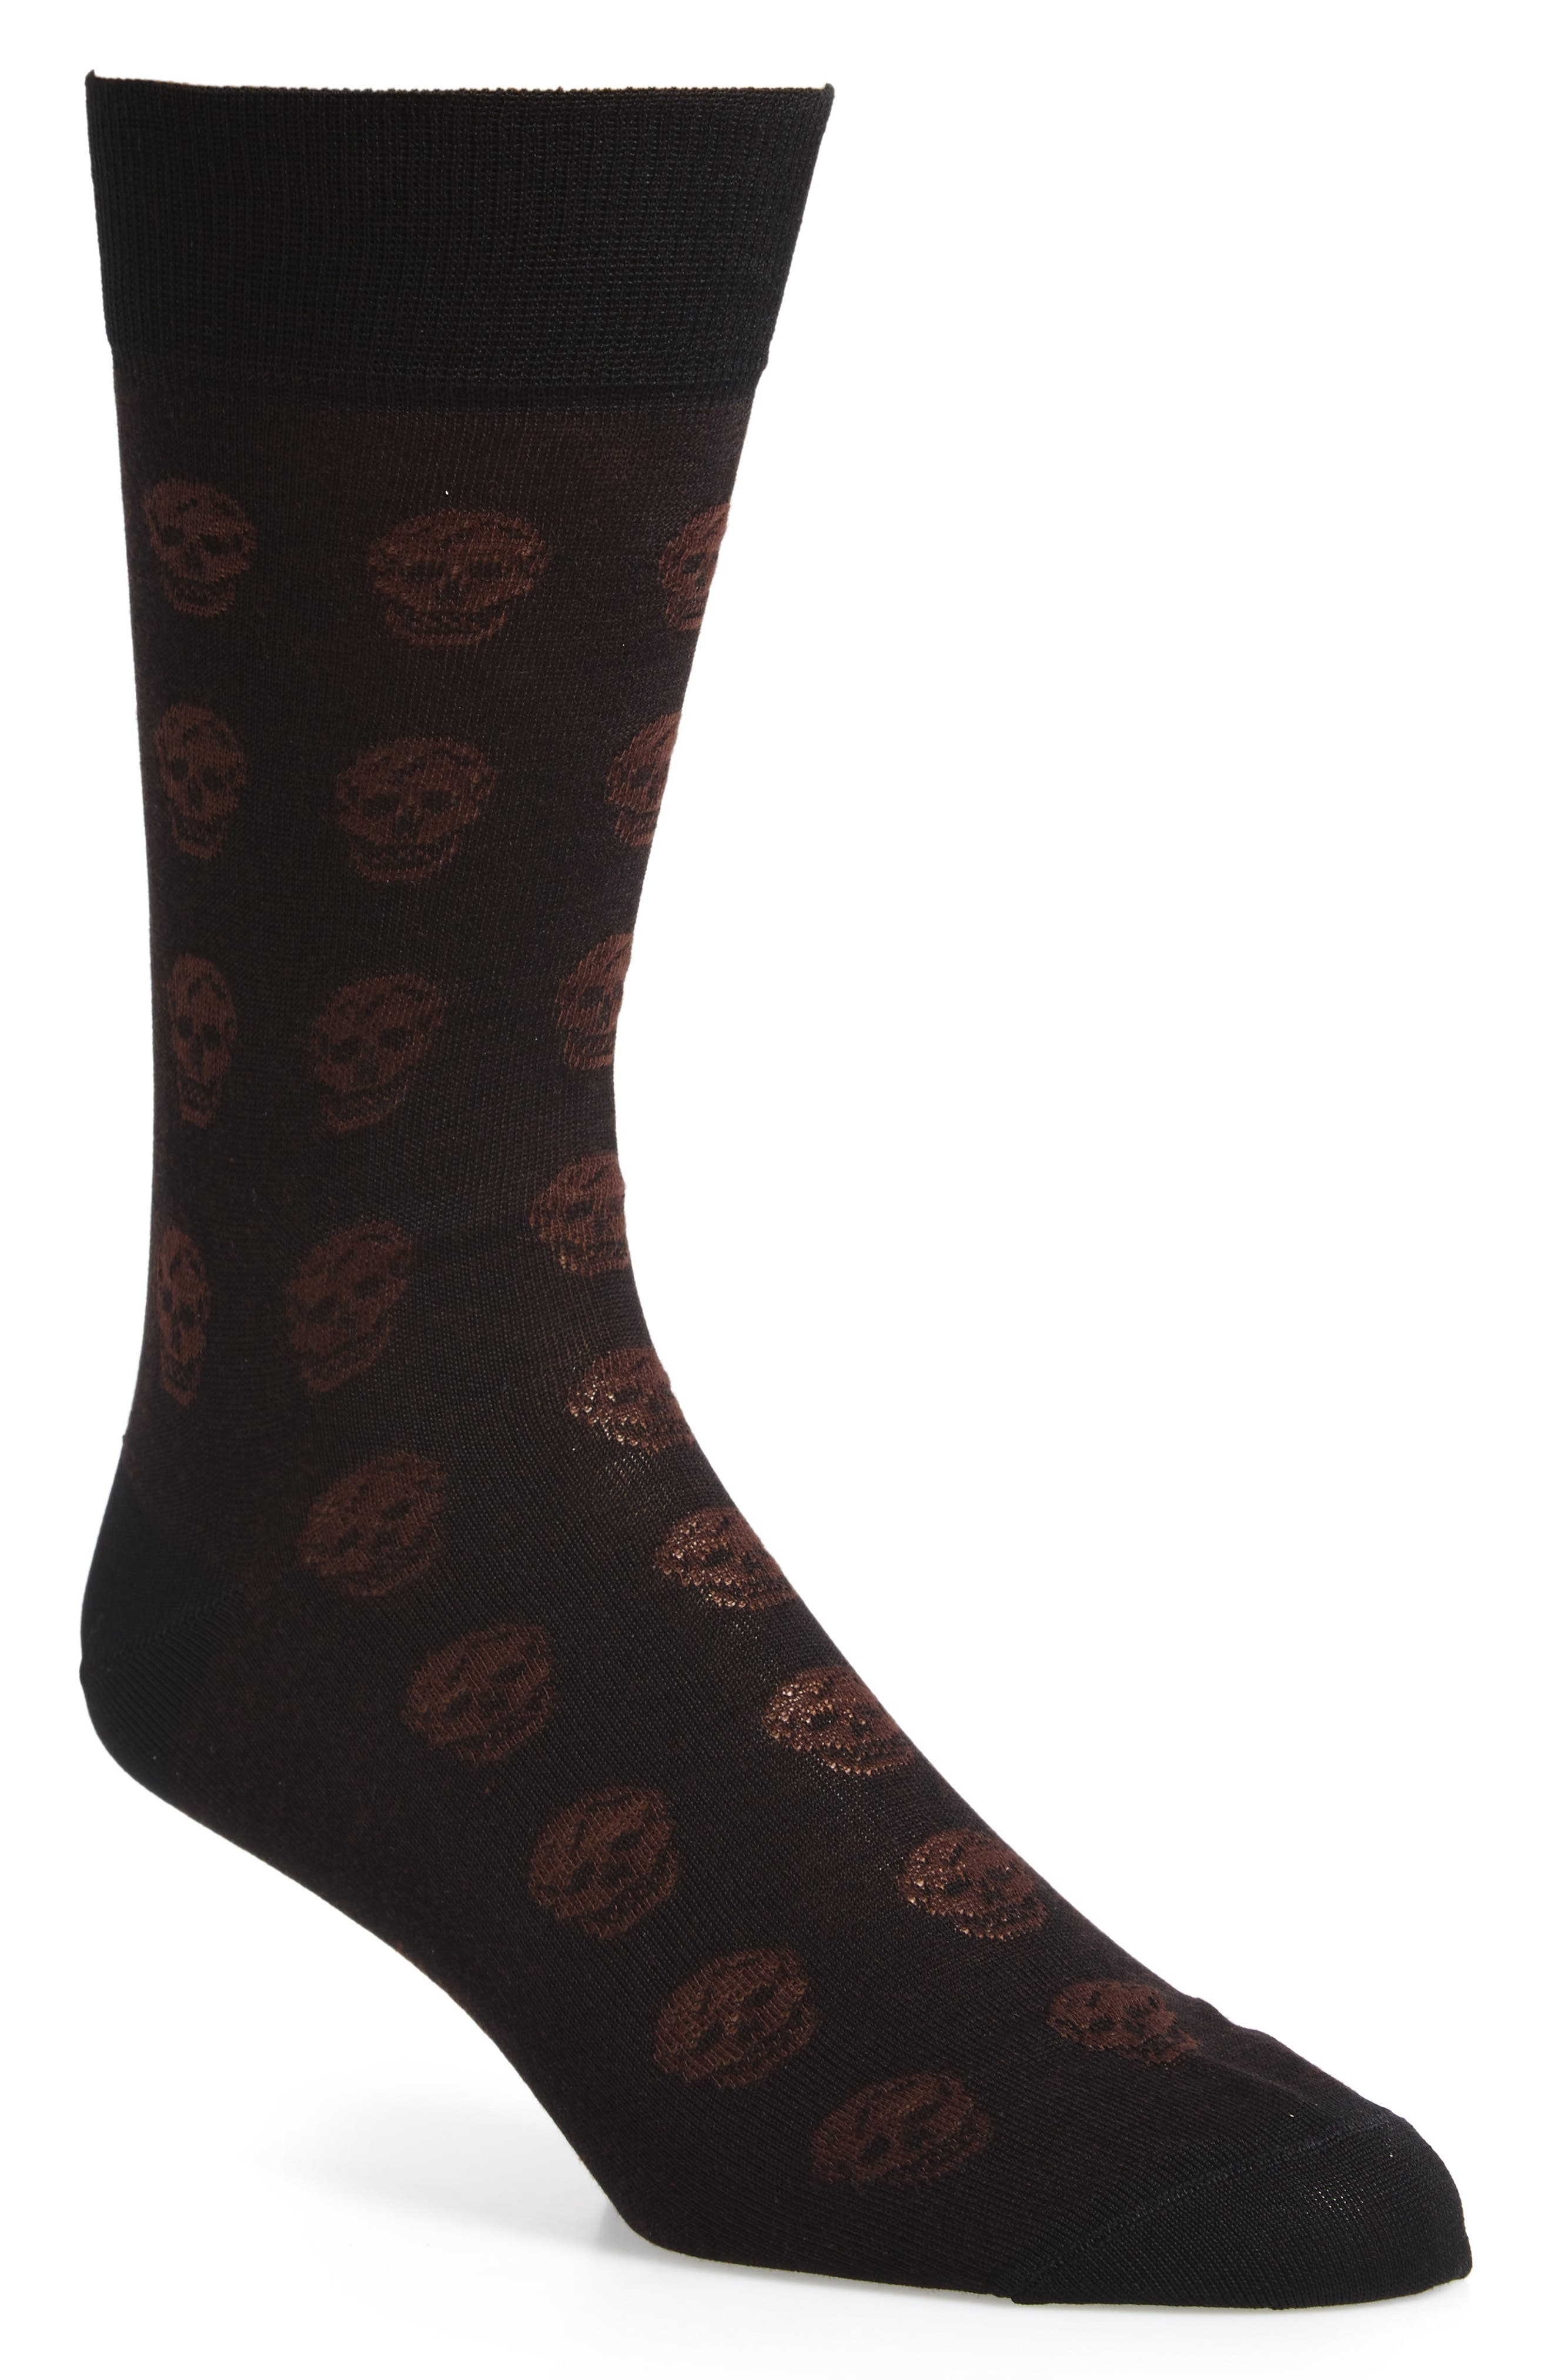 Skull Socks,                             Main thumbnail 1, color,                             Black/ Beige